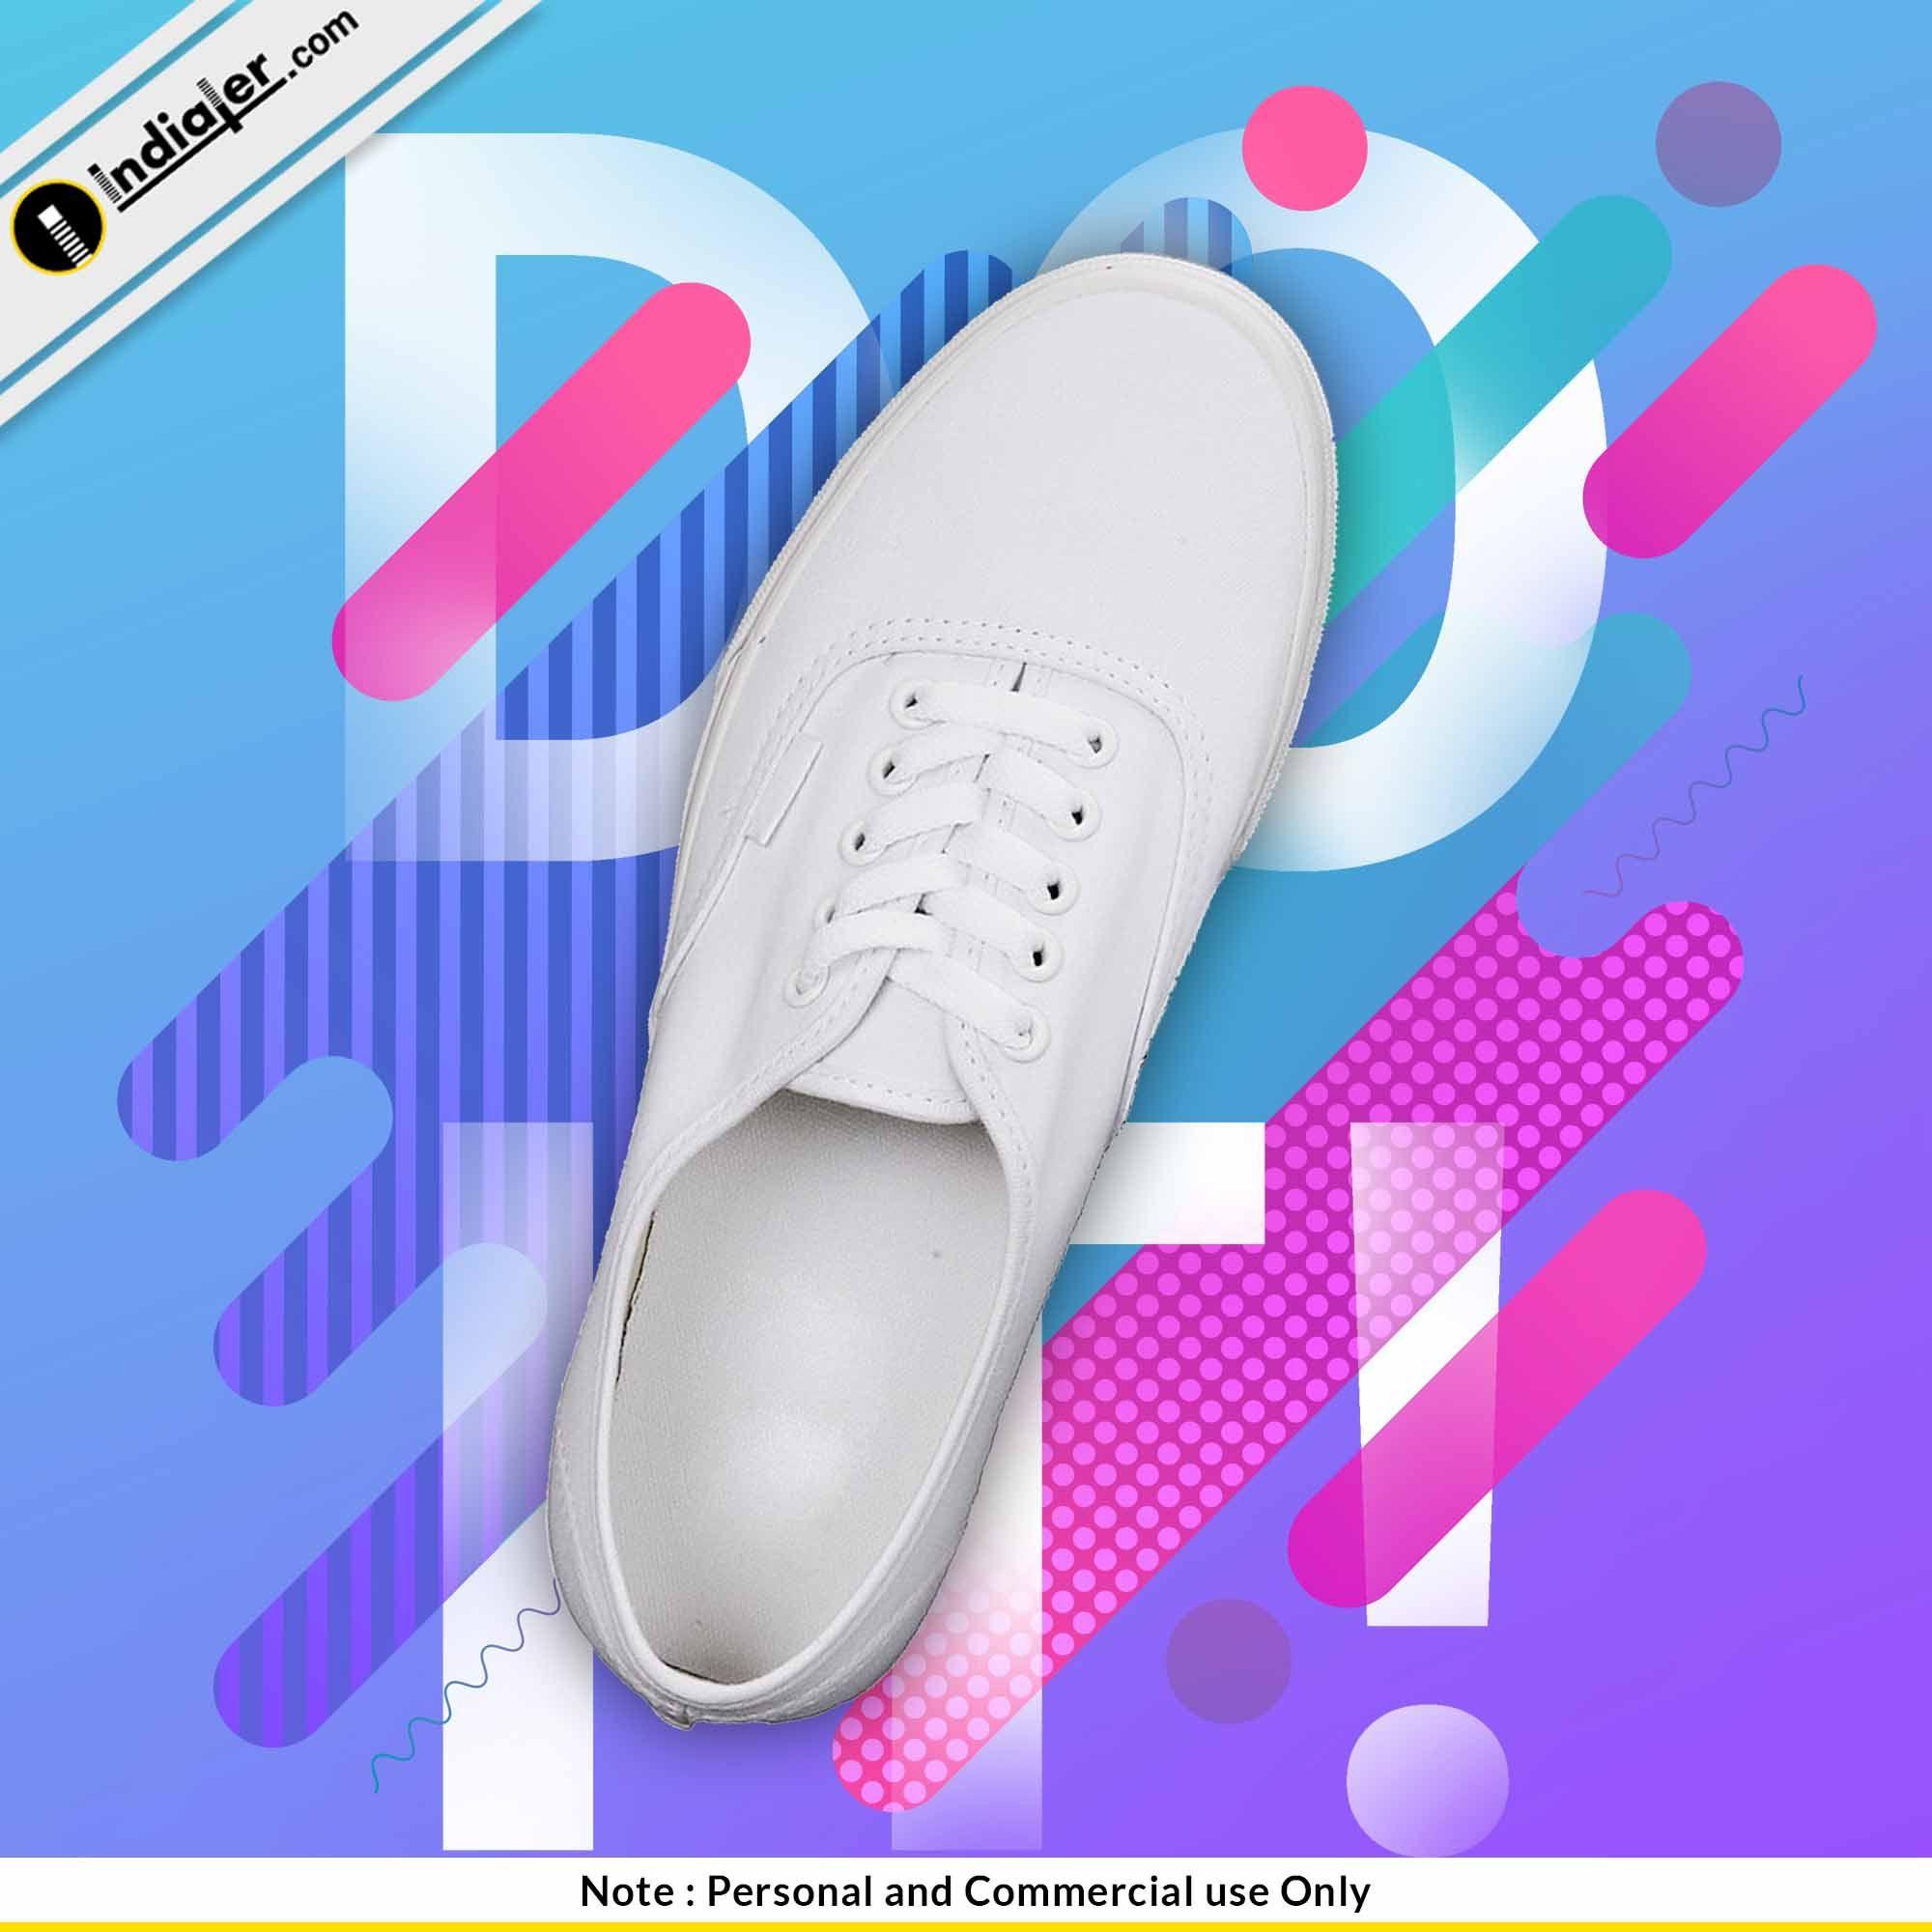 Download Social Media Shoes Advertising Banner Free Psd Shoe Advertising Banner Advertising Social Media Design